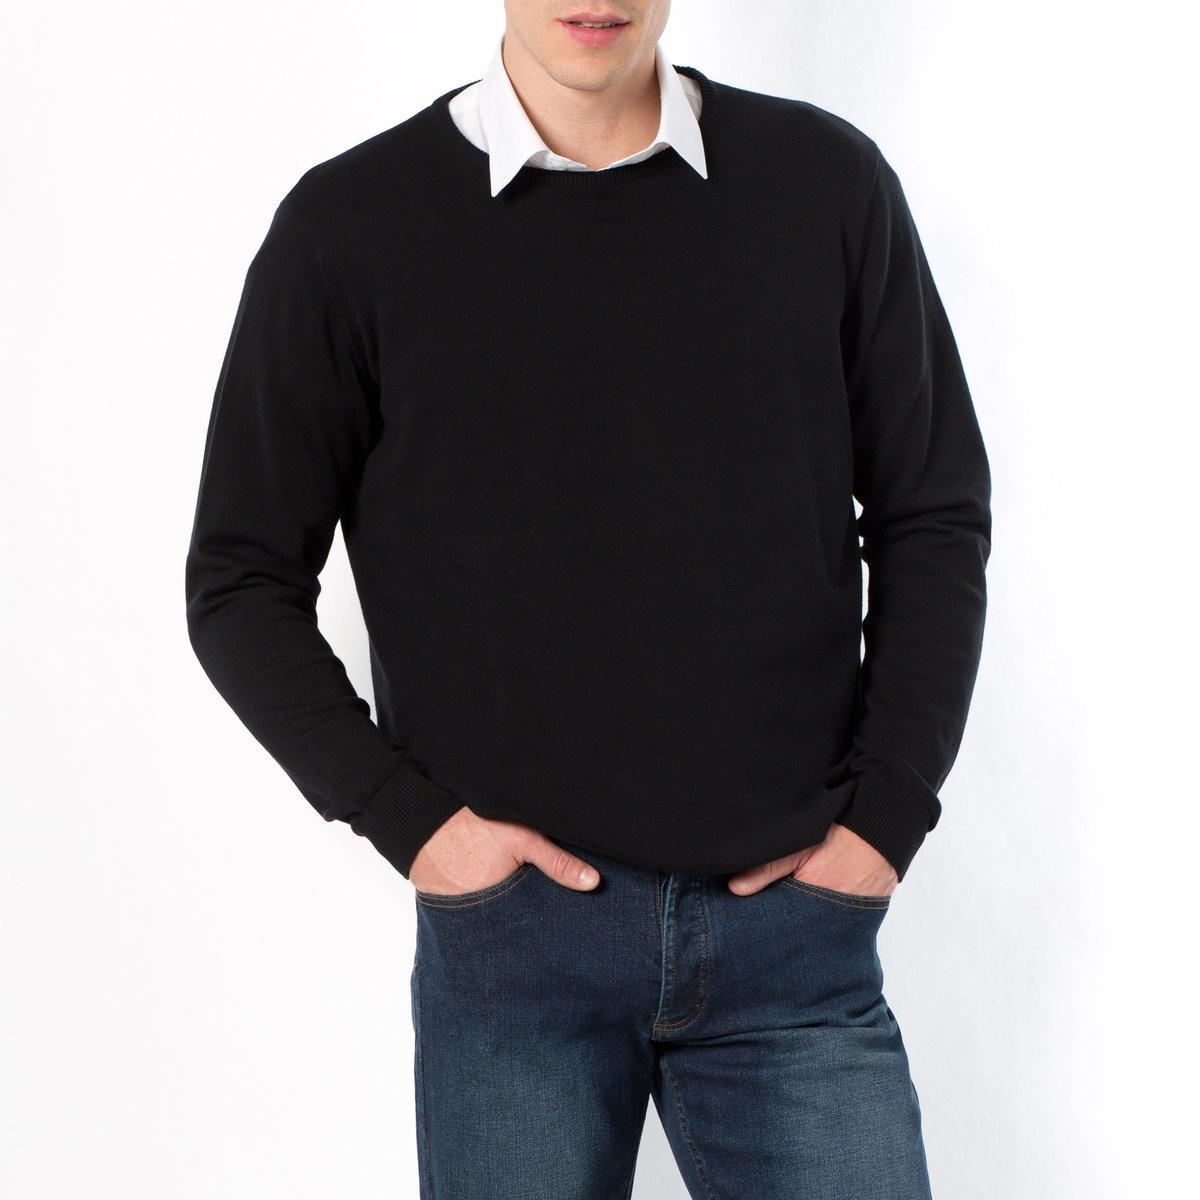 Пуловер с круглым вырезомПуловер с круглым вырезом. Длинные рукава. Края рукавов и низа связаны в рубчик. Пуловер с круглым вырезом из трикотажа мелкой вязки, 100% хлопок. - длина спереди : 73 см для размера 50/52 и 81 см для размера 82/84.- длина рукавов : 64,5 см.<br><br>Цвет: бордовый меланж,темно-синий,черный<br>Размер: 66/68.70/72.54/56.82/84